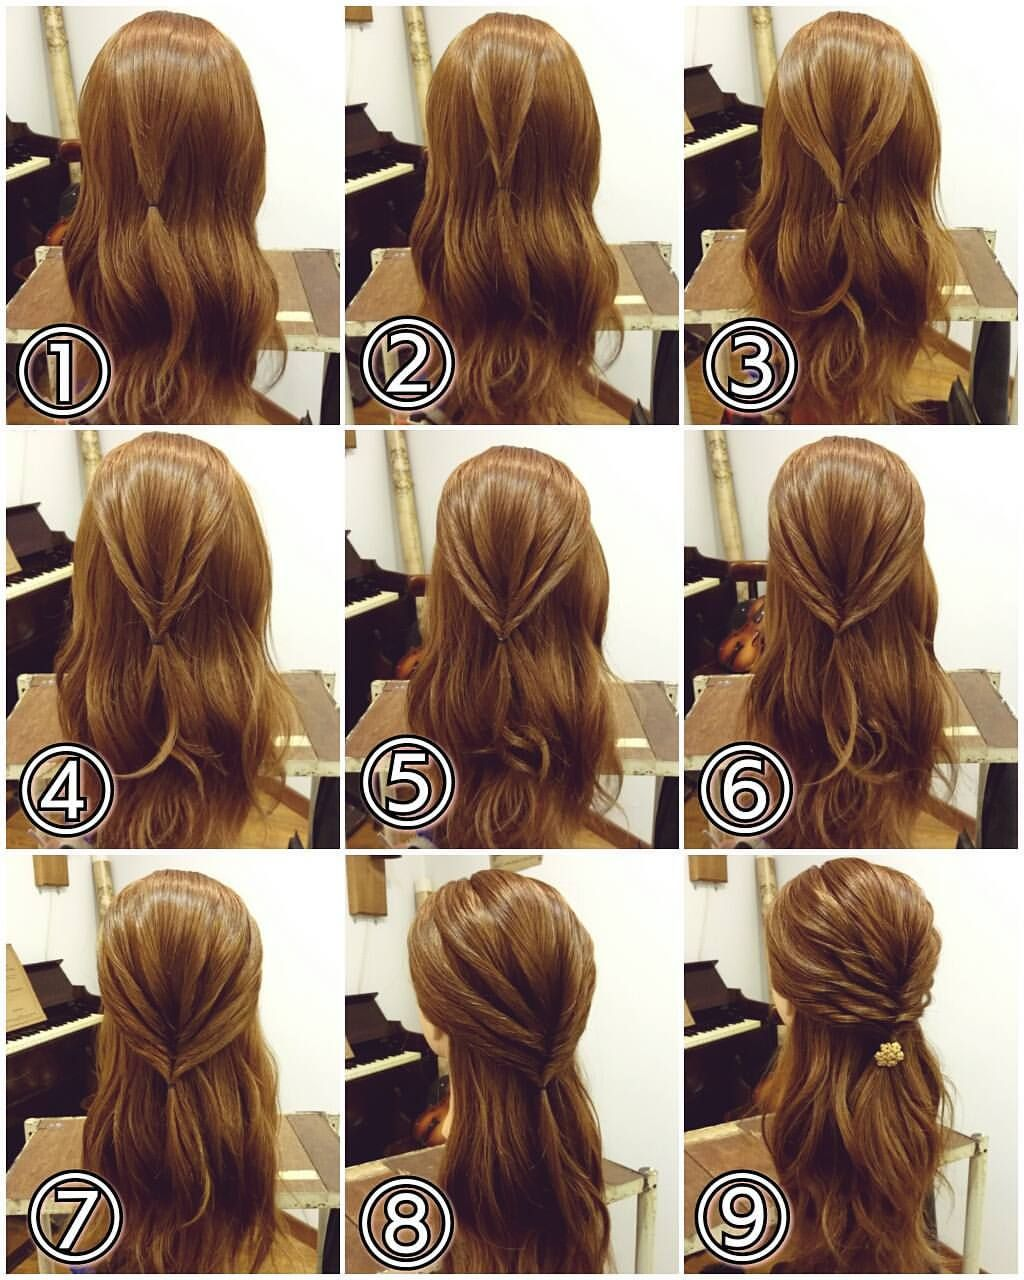 先程の投稿スタイルの作り方です ハーフアップアレンジ トップを幅を少し狭くとり ぼんのくぼの上あたりでルーズにゴムで結びます それをくるりんぱします その両わきの髪をとり後ろで結びます それもくるりんぱします また両わきの髪をとり